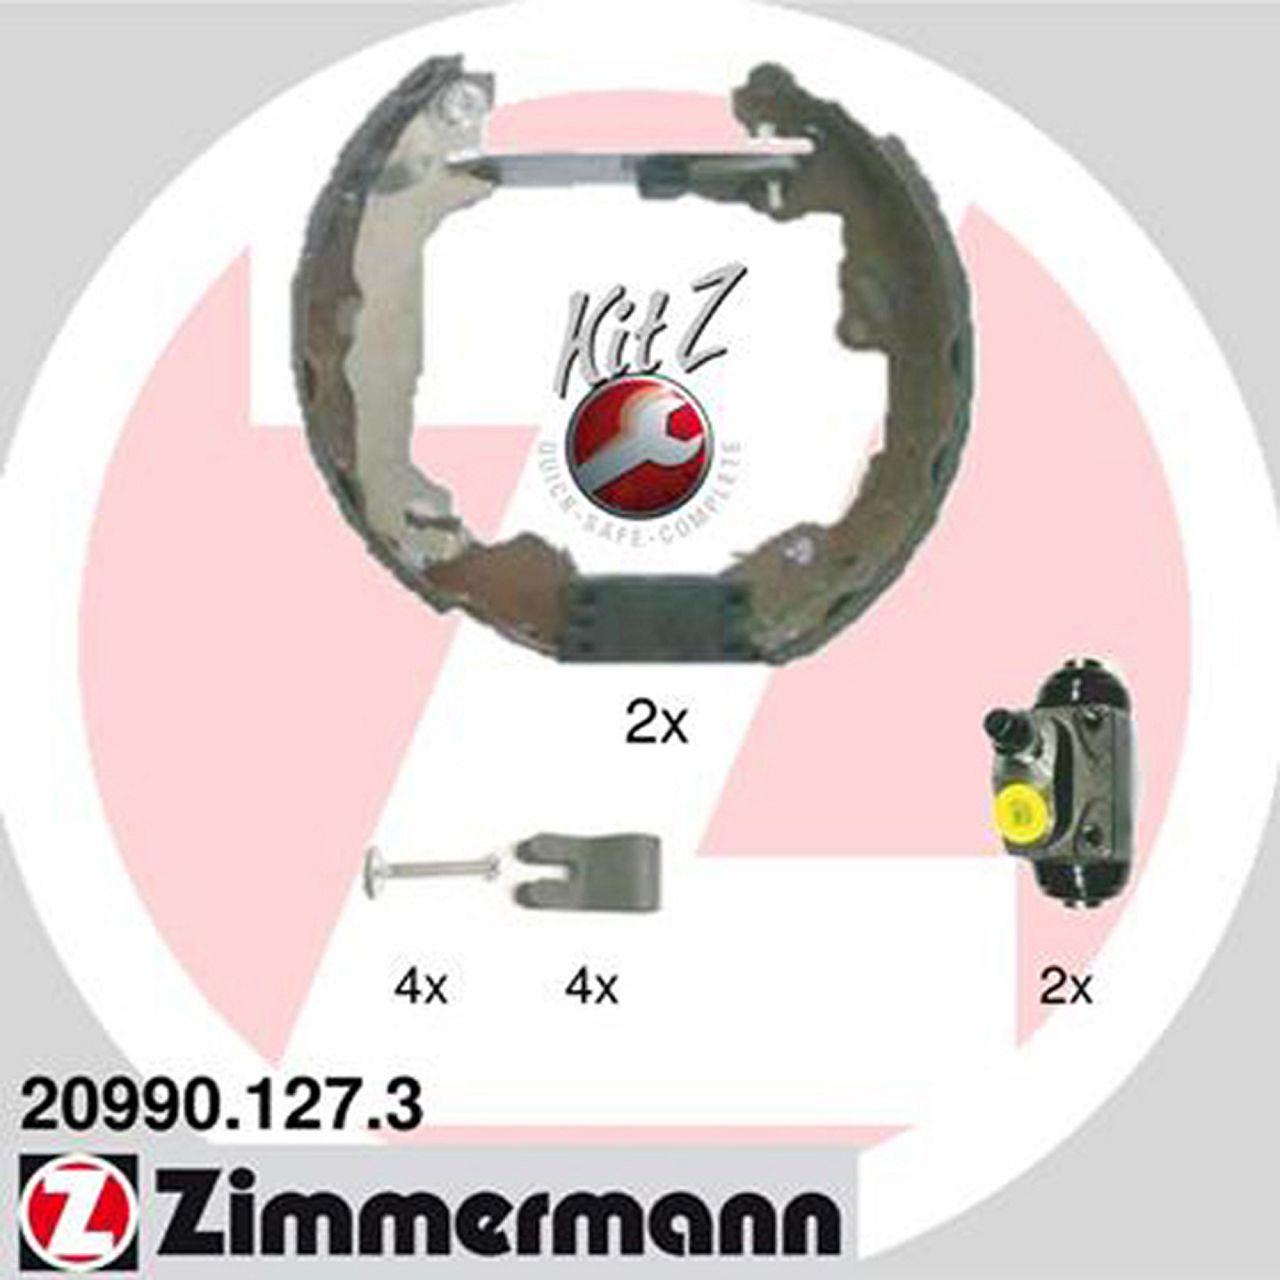 ZIMMERMANN Bremsbacken + Radbremszylinder Satz für Ford Focus I 10.1998-09.2004